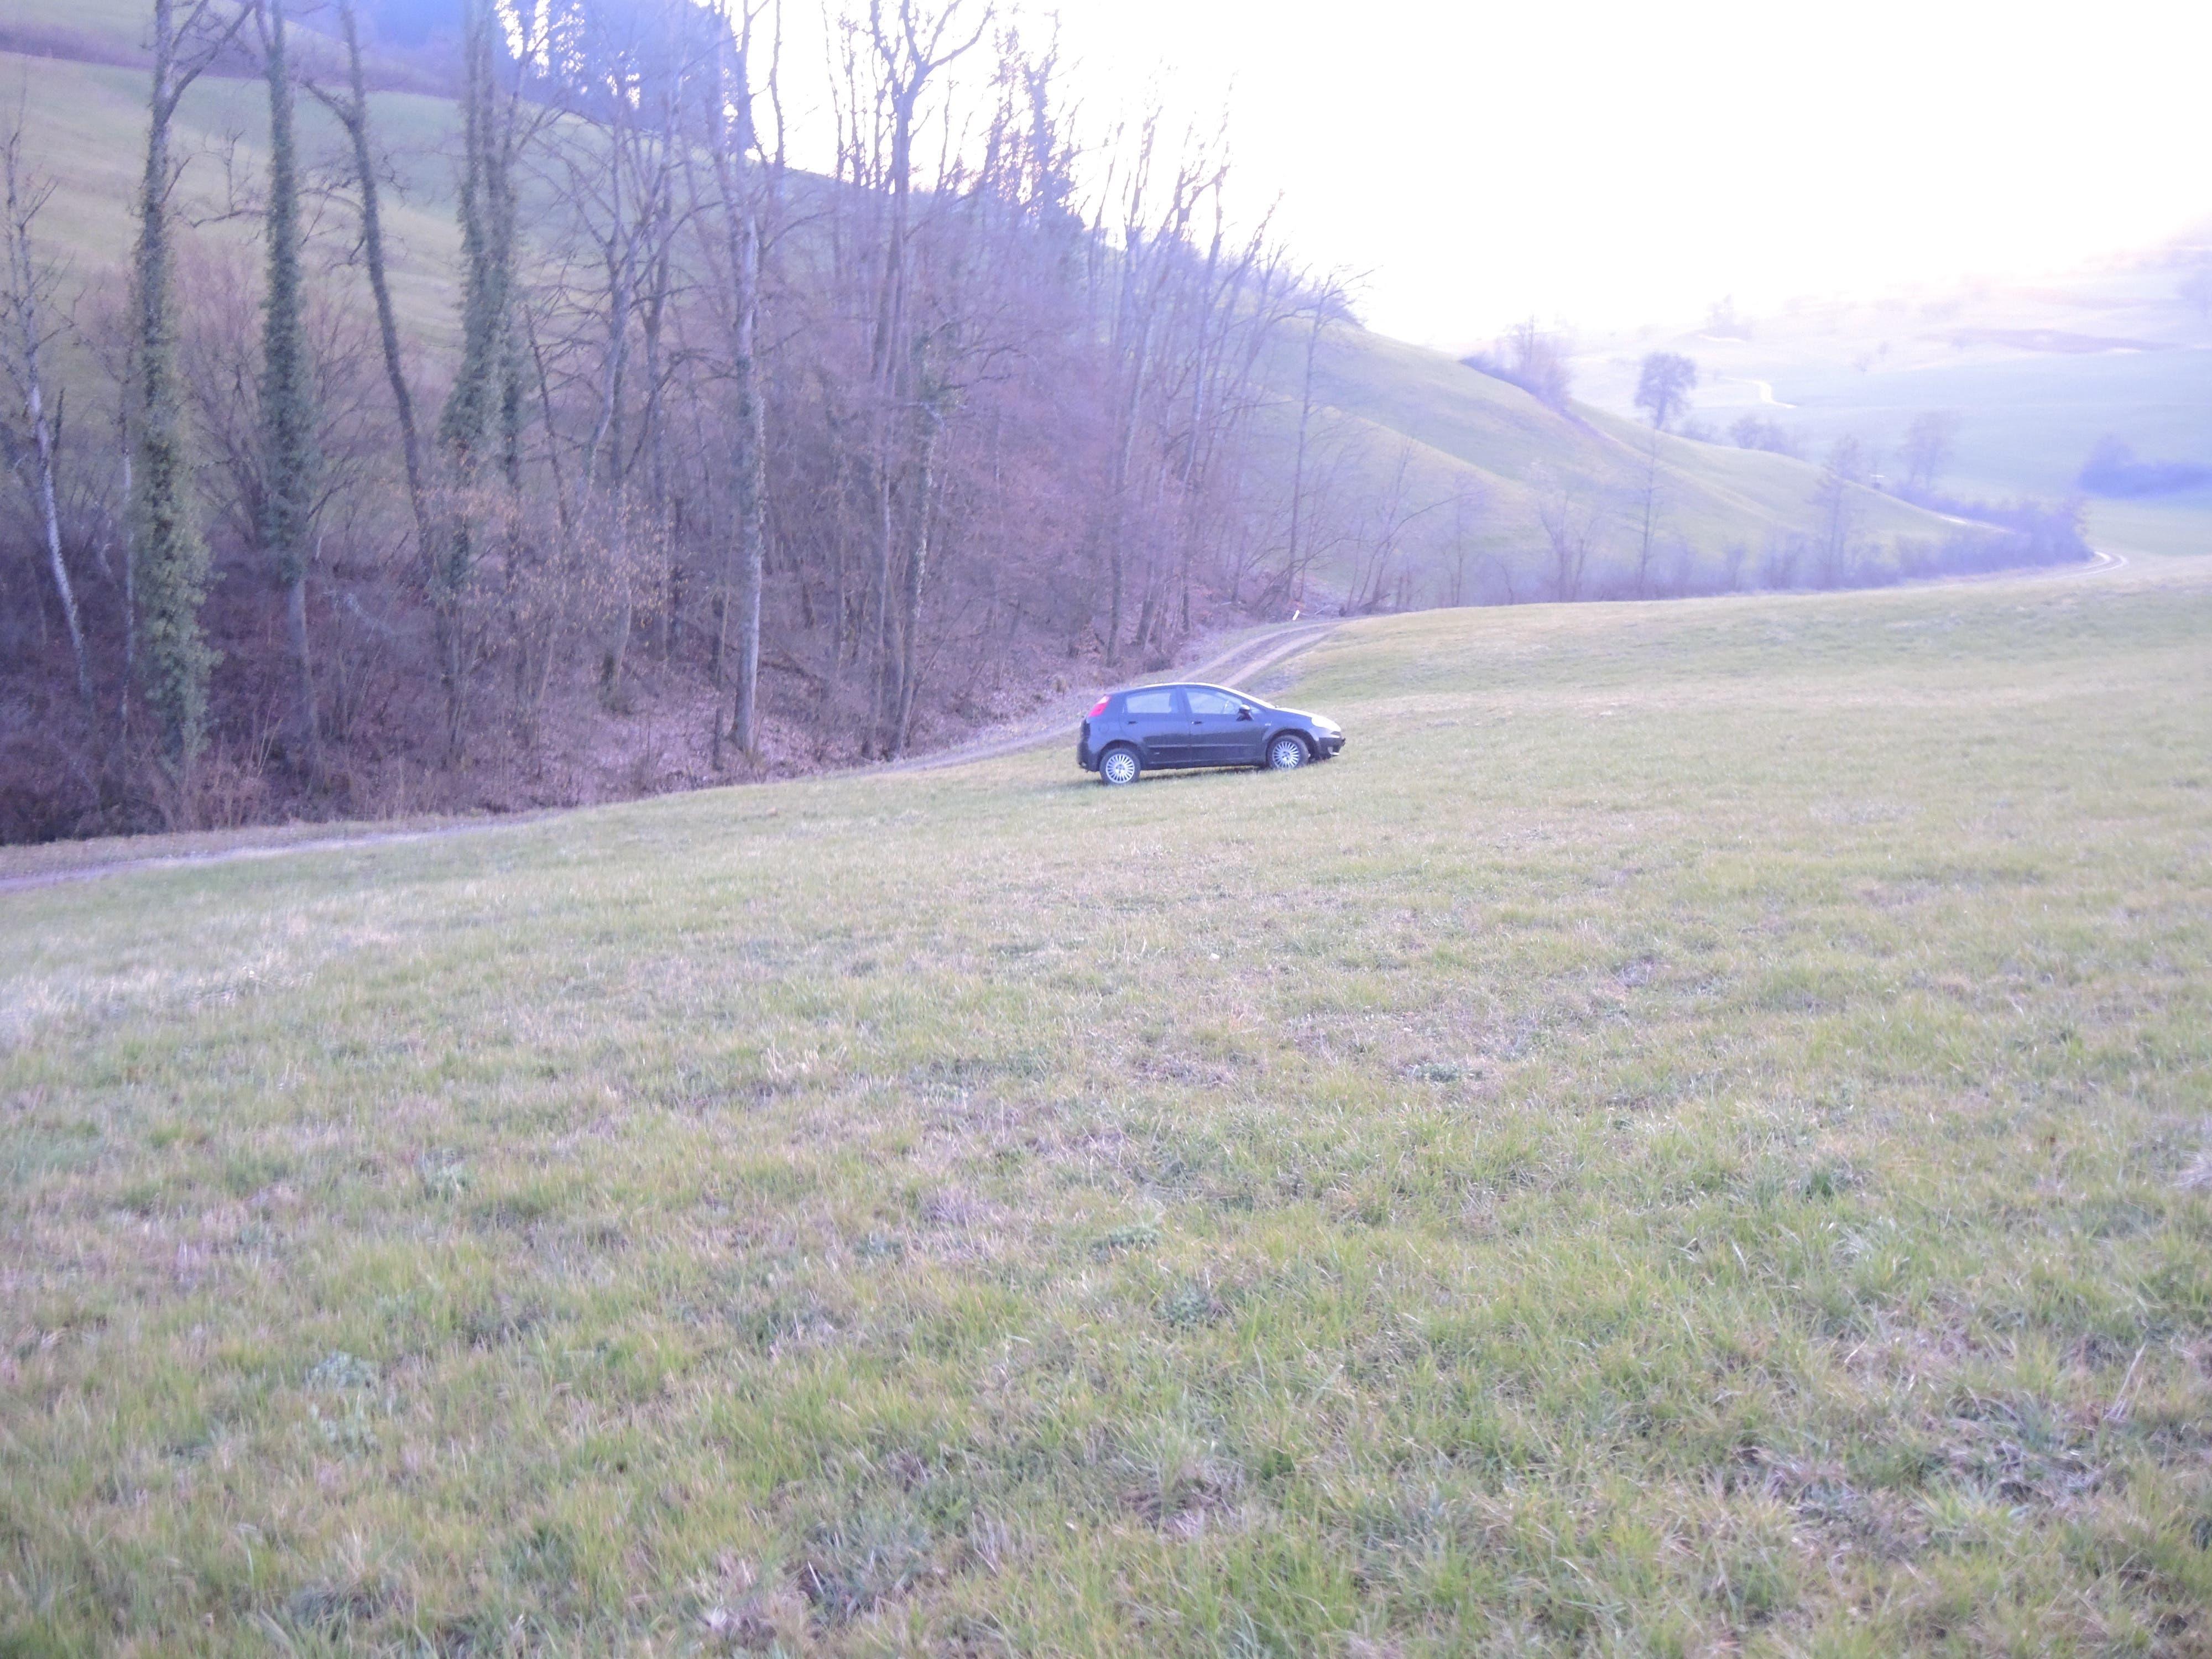 Bilder der Kantonspolizei Aargau zum Ausweichmanöver und Fahrzeugschaden in Will AG am 01.03.21